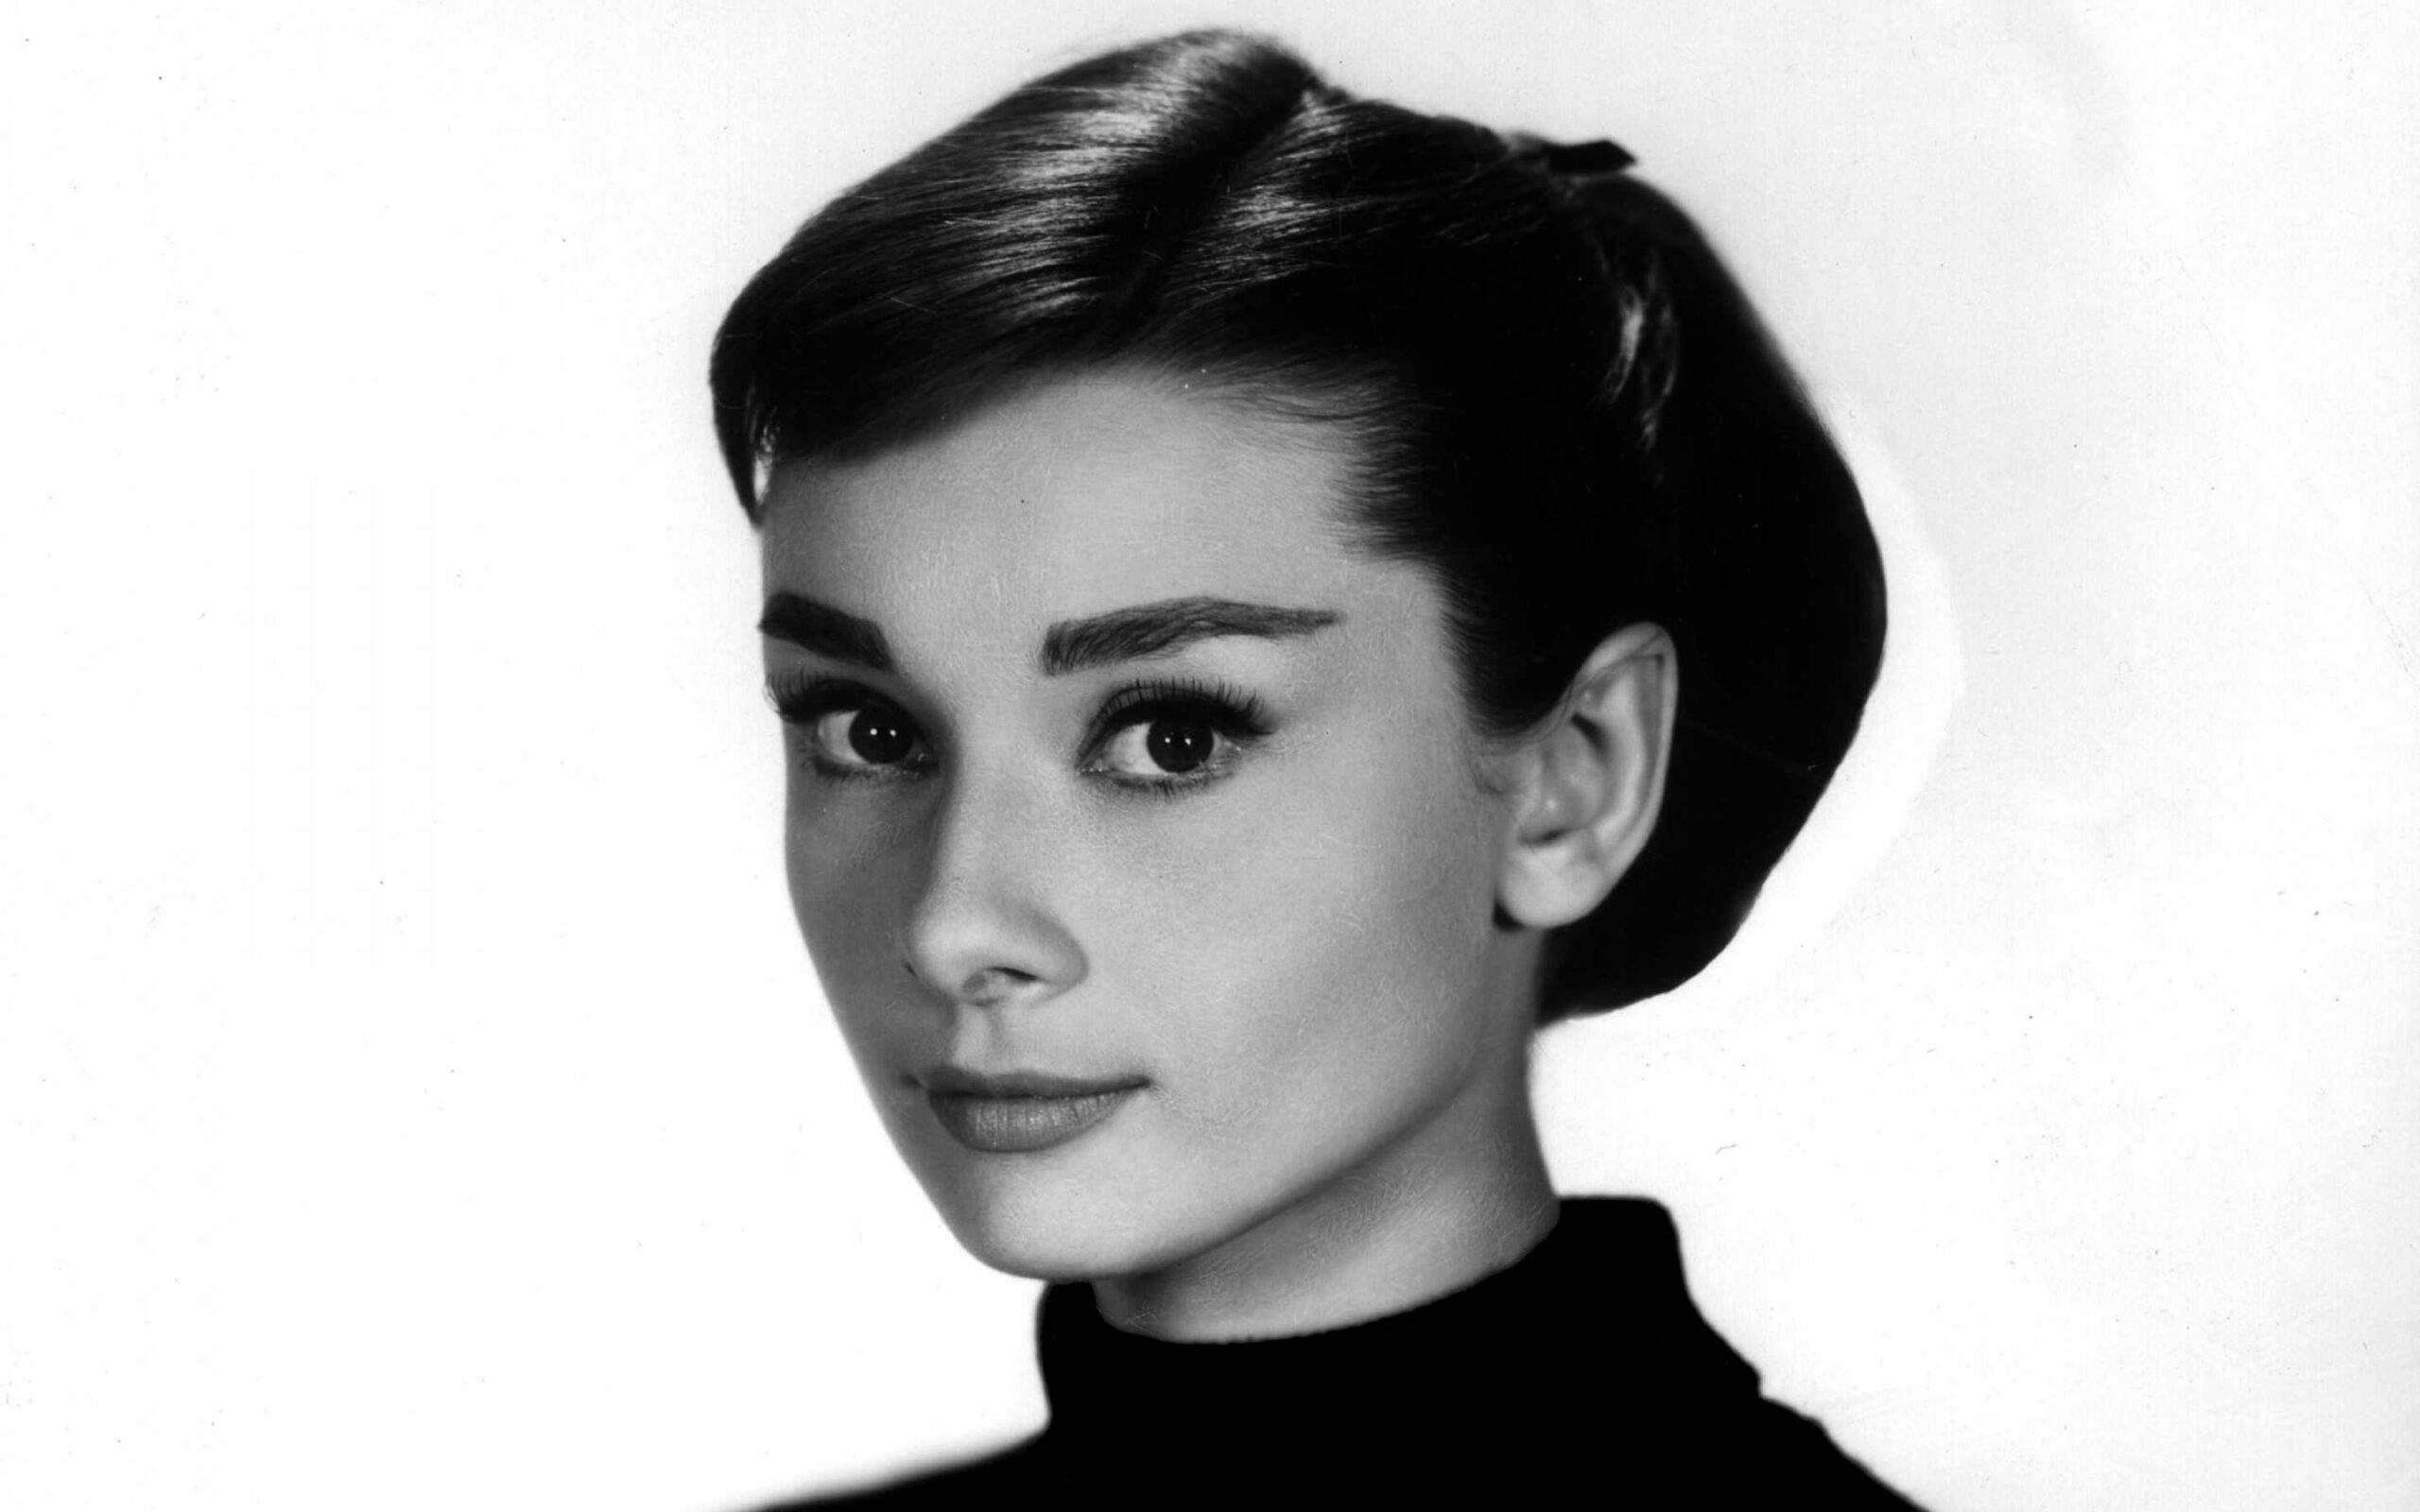 In onore di un'icona eterna. In arrivo un nuovo documentario su Audrey Hepburn